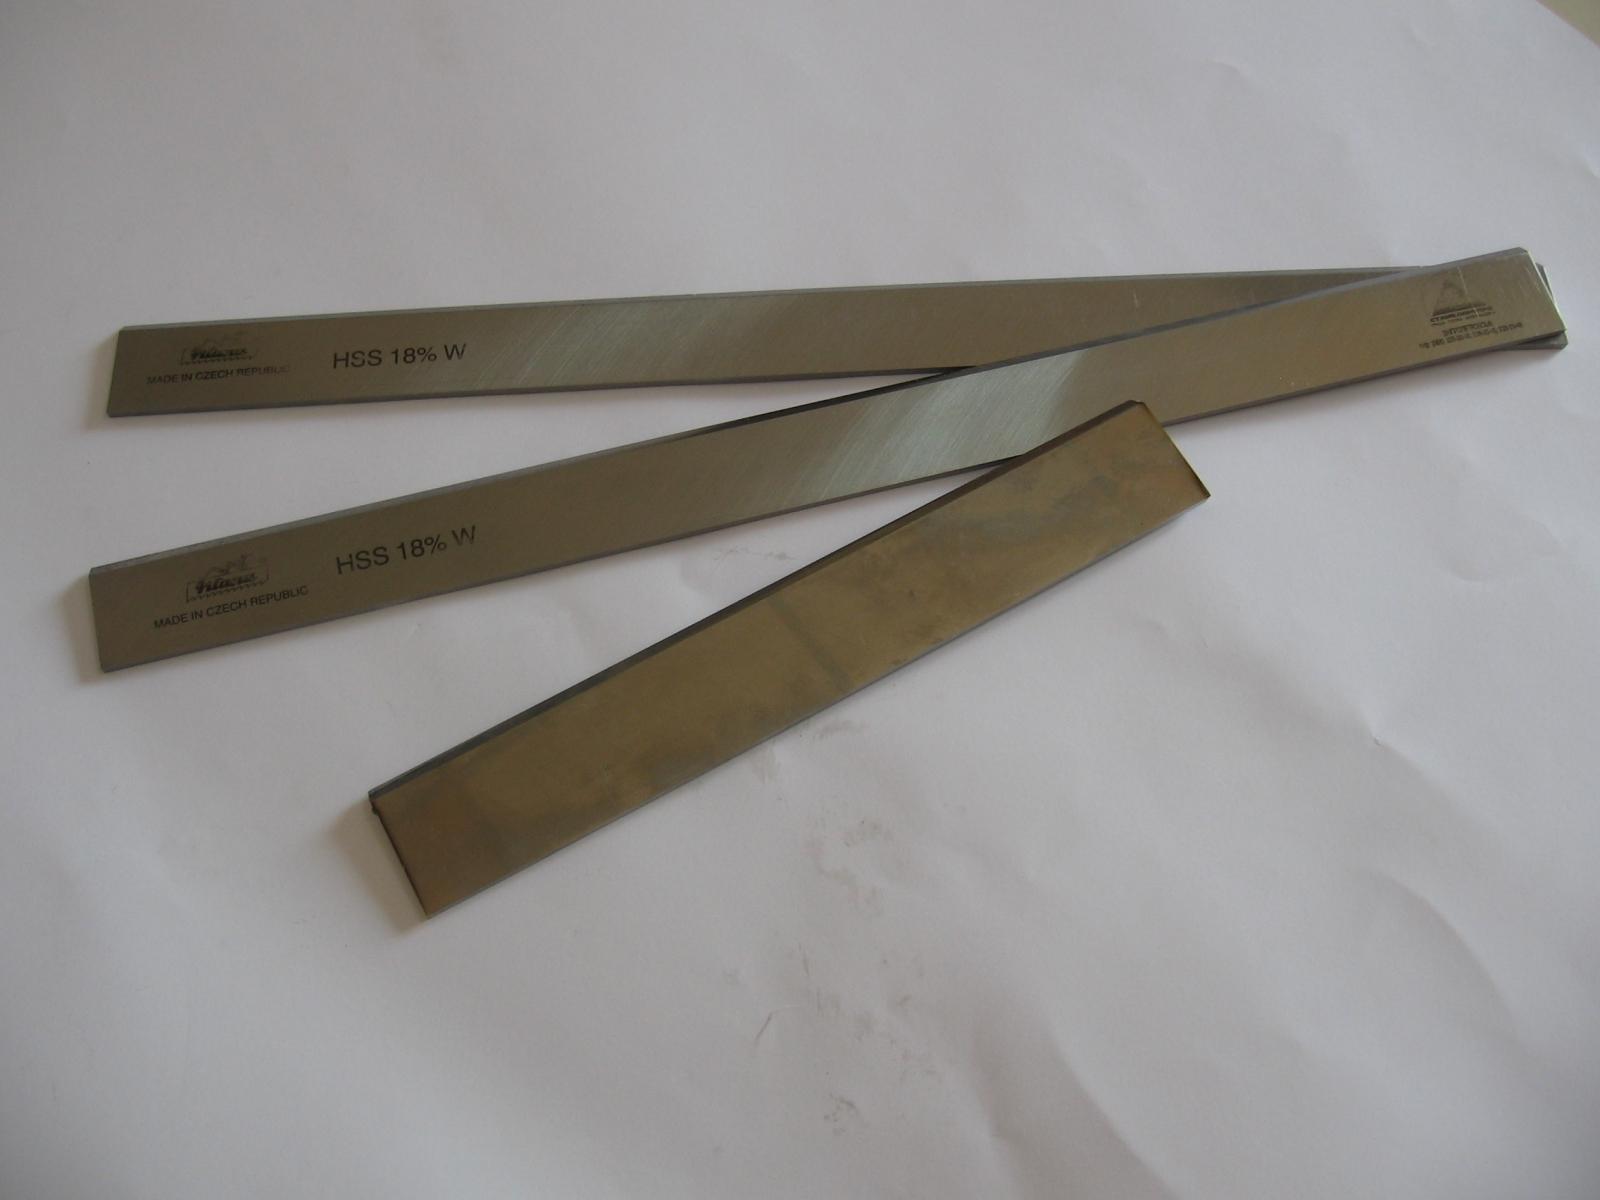 Прямые строгальные ножи по дереву из твердосплавной стали